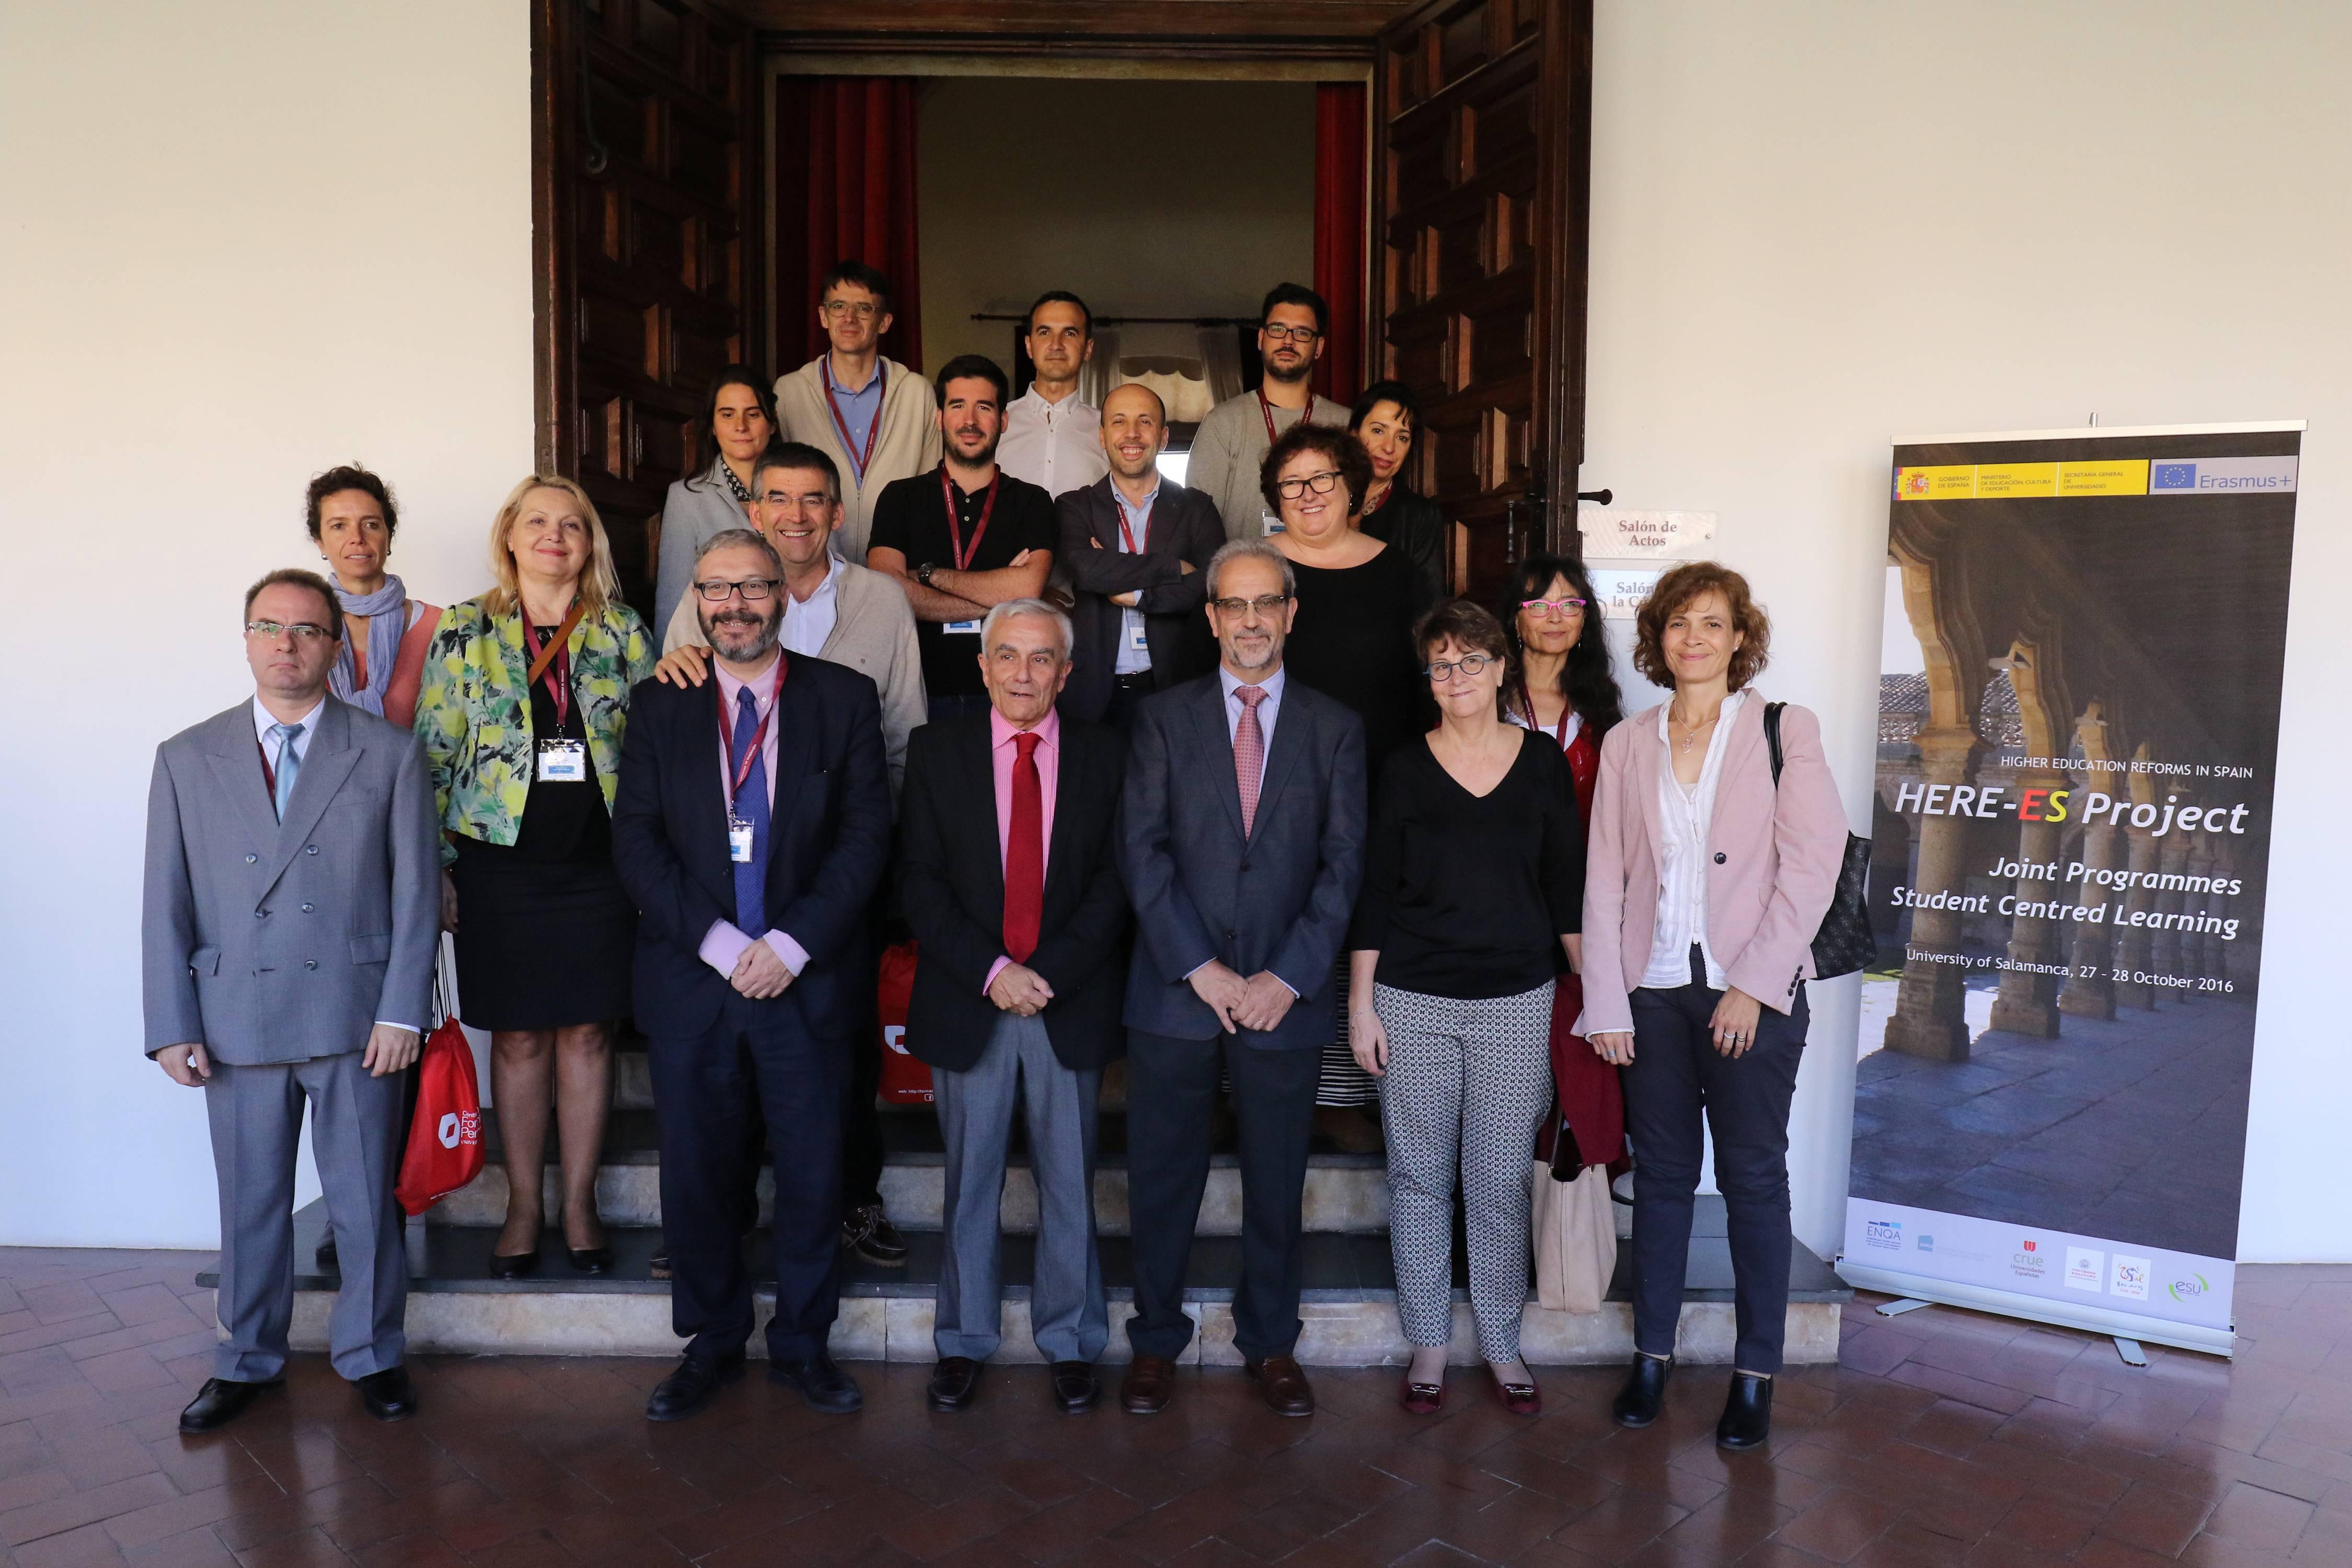 El rector de la Universidad de Salamanca clausura el congreso final del proyecto 'HERE-ES'